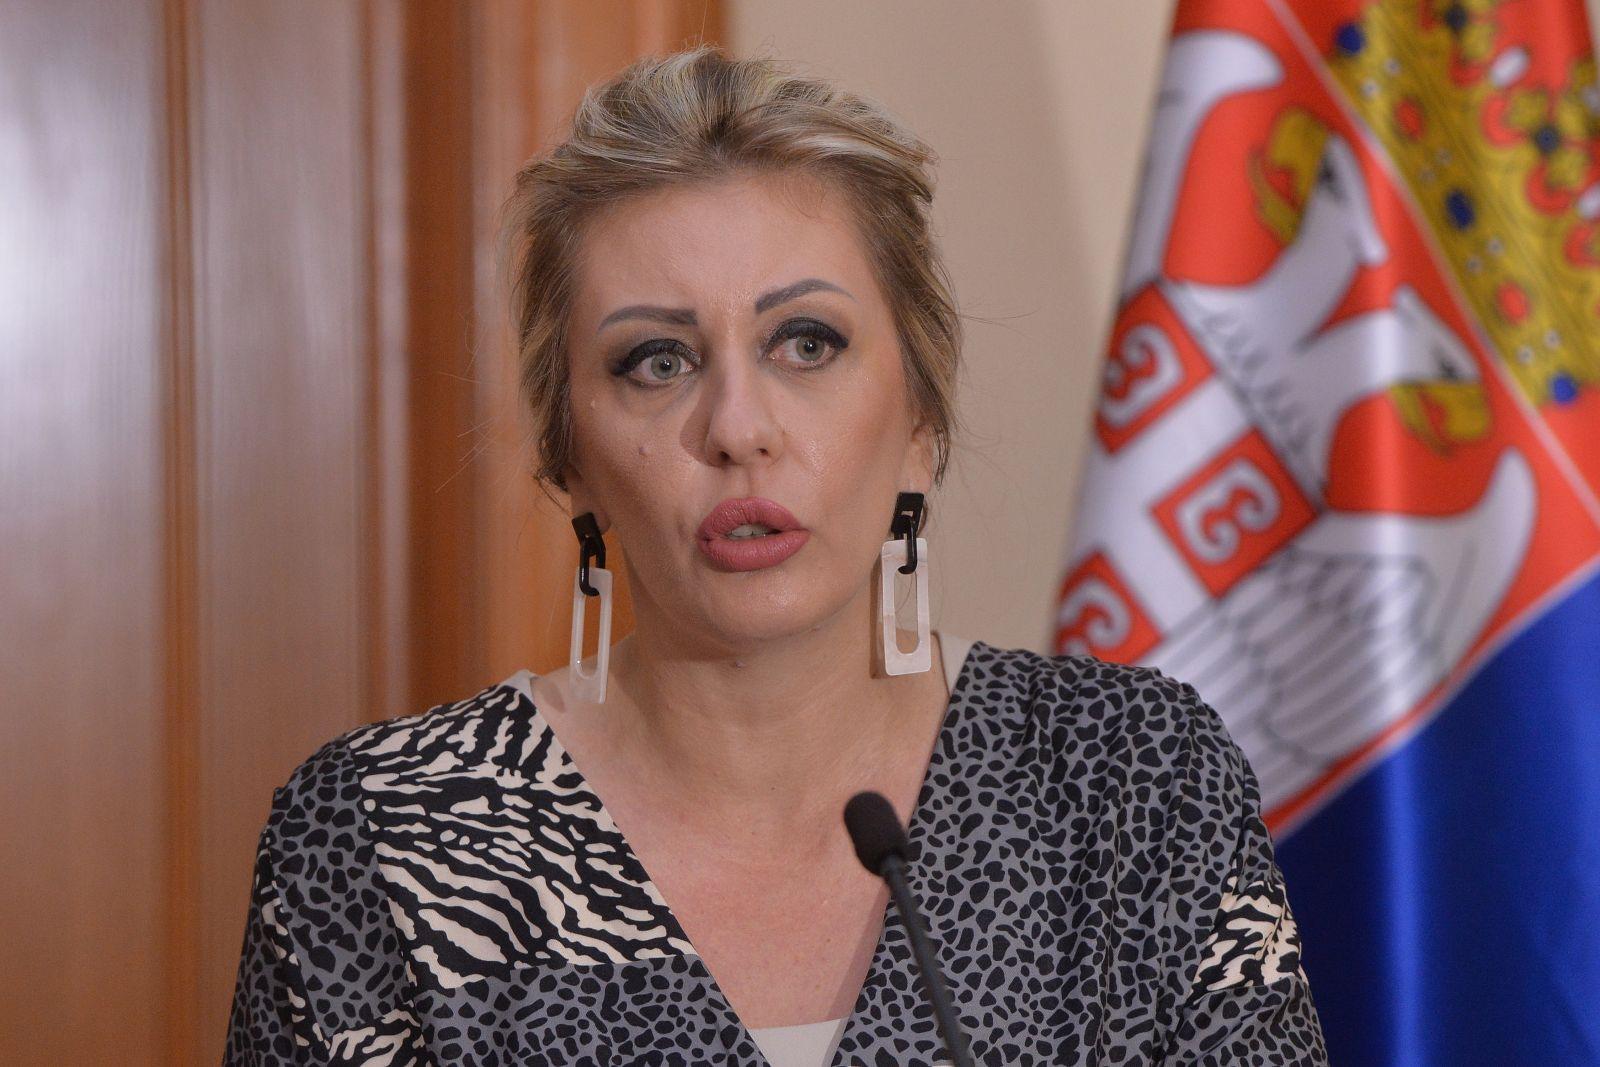 Ј. Јоксимовић: Директно о нашим и ставовима САД, важна прилика